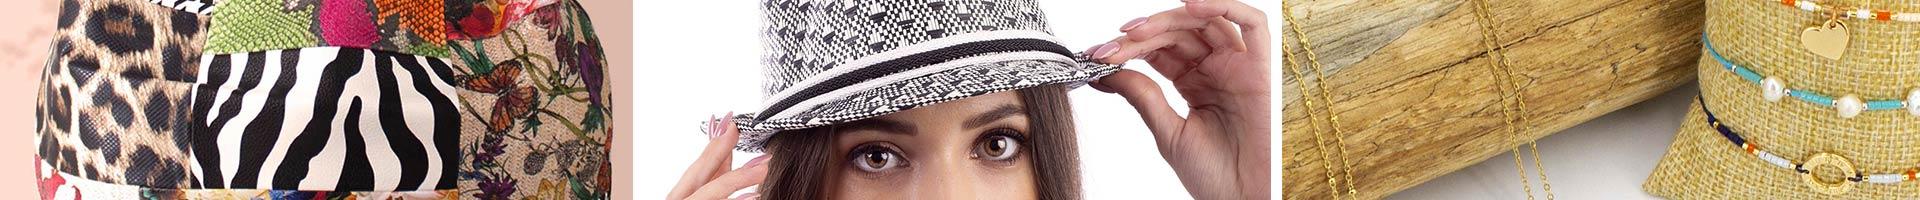 Accessoires Femme Mode Ethnique Coton du Monde